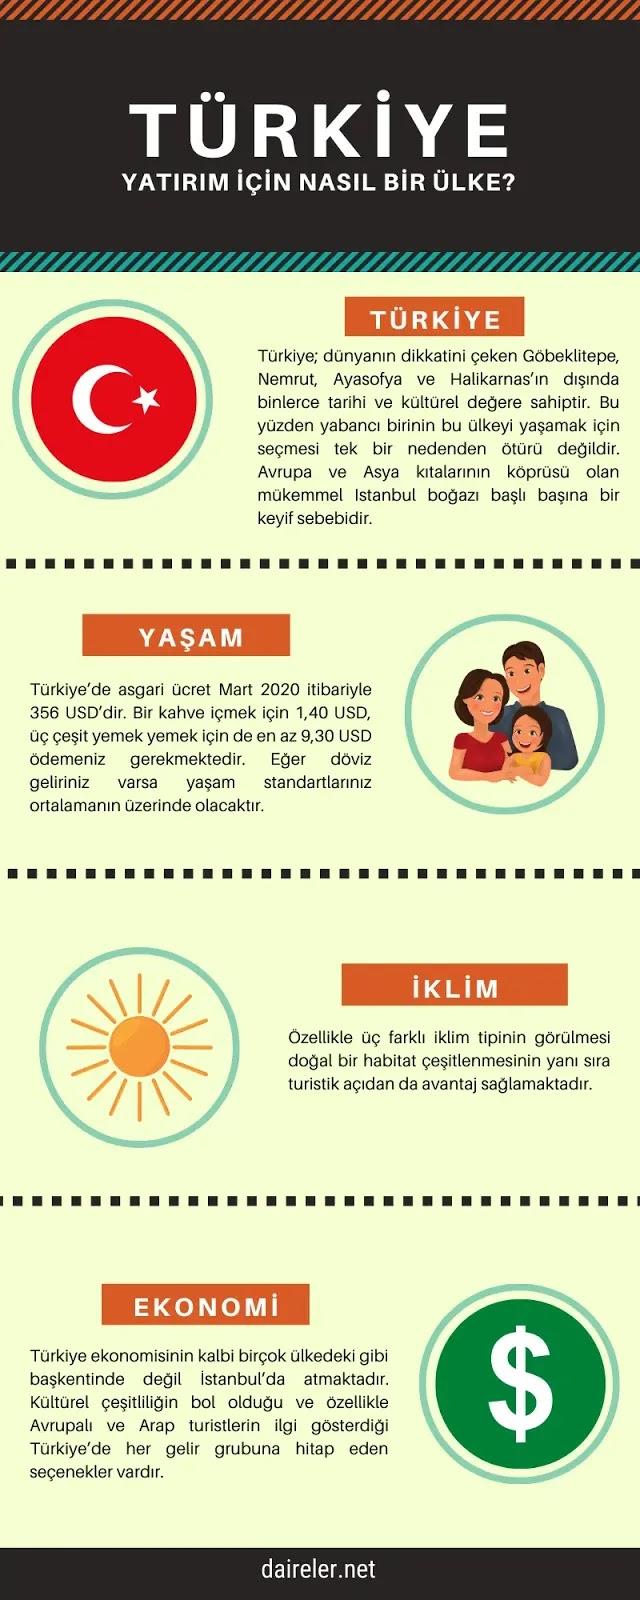 Türkiye Yatırım İçin Nasıl Bir Ülke?